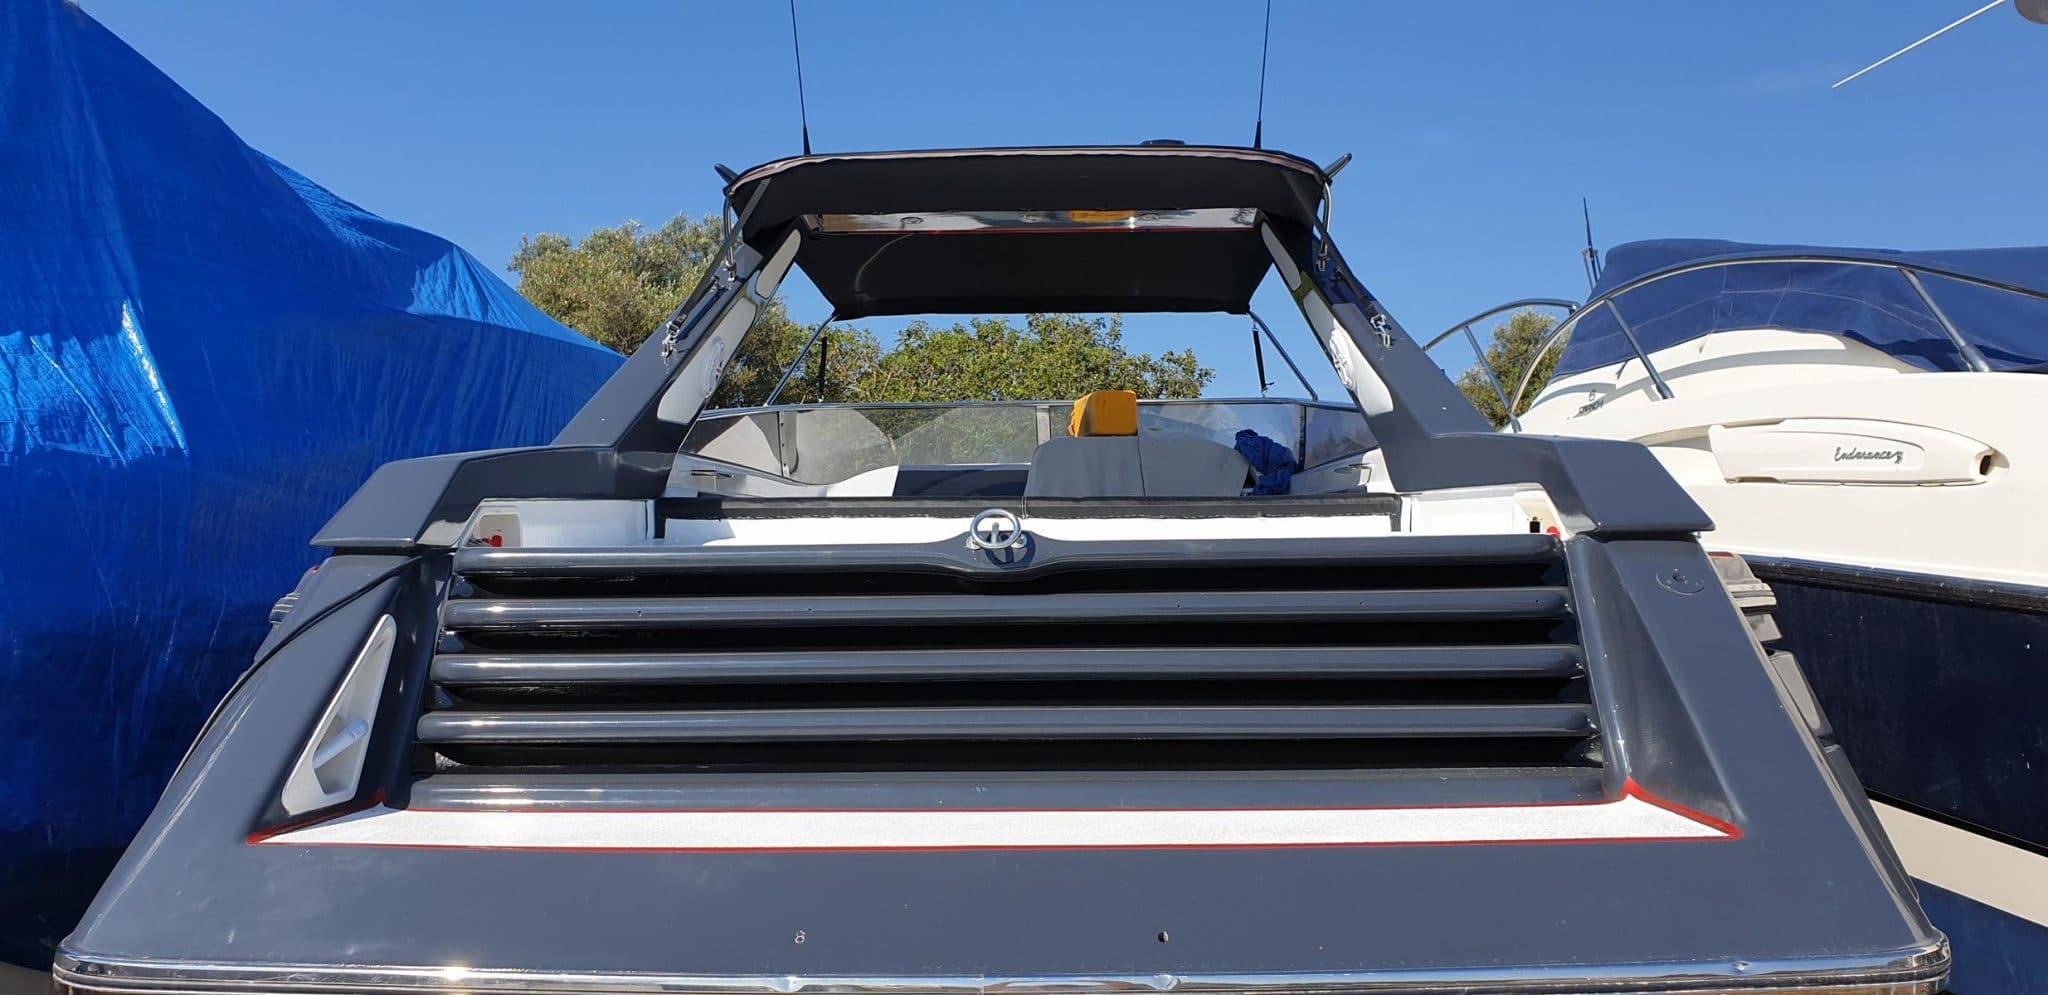 Star Boat Sunseeker Tomahawk 37-6